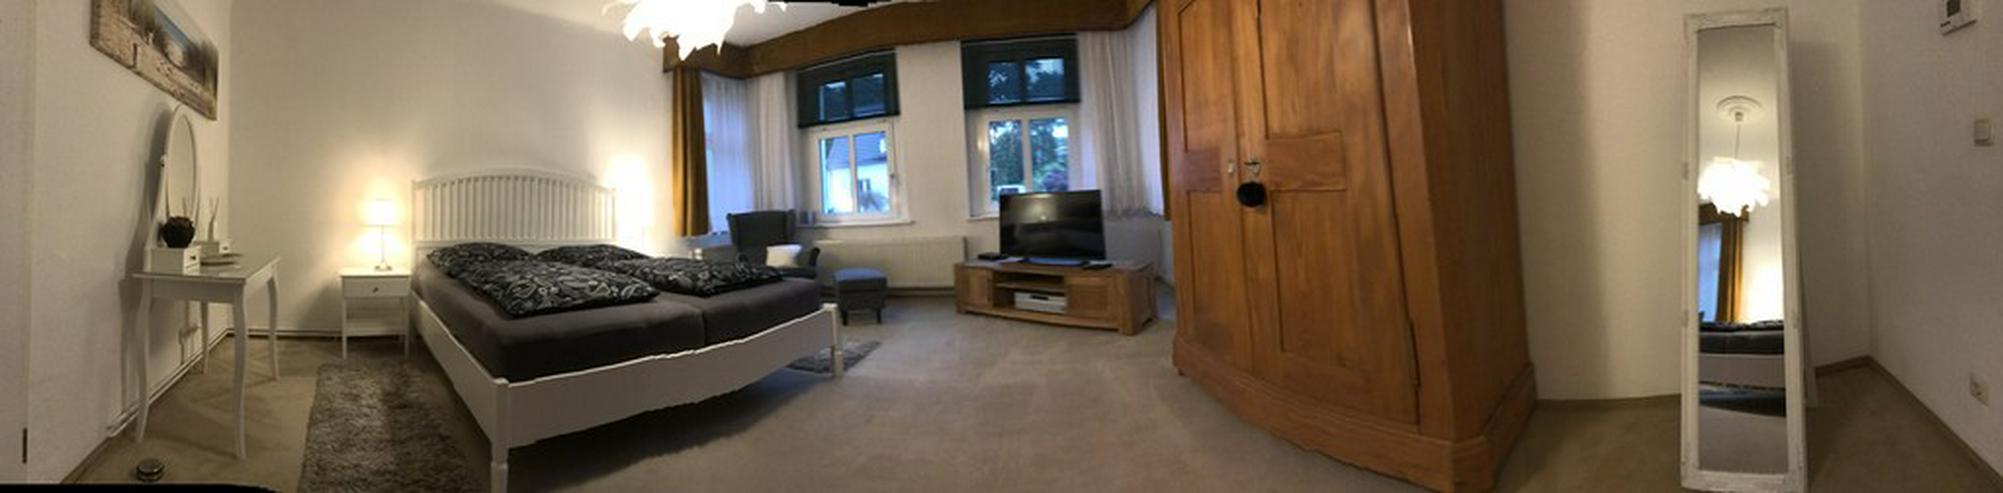 Bild 8: Ferienhaus  in Zinnowitz 250 qm bis 16 Personen